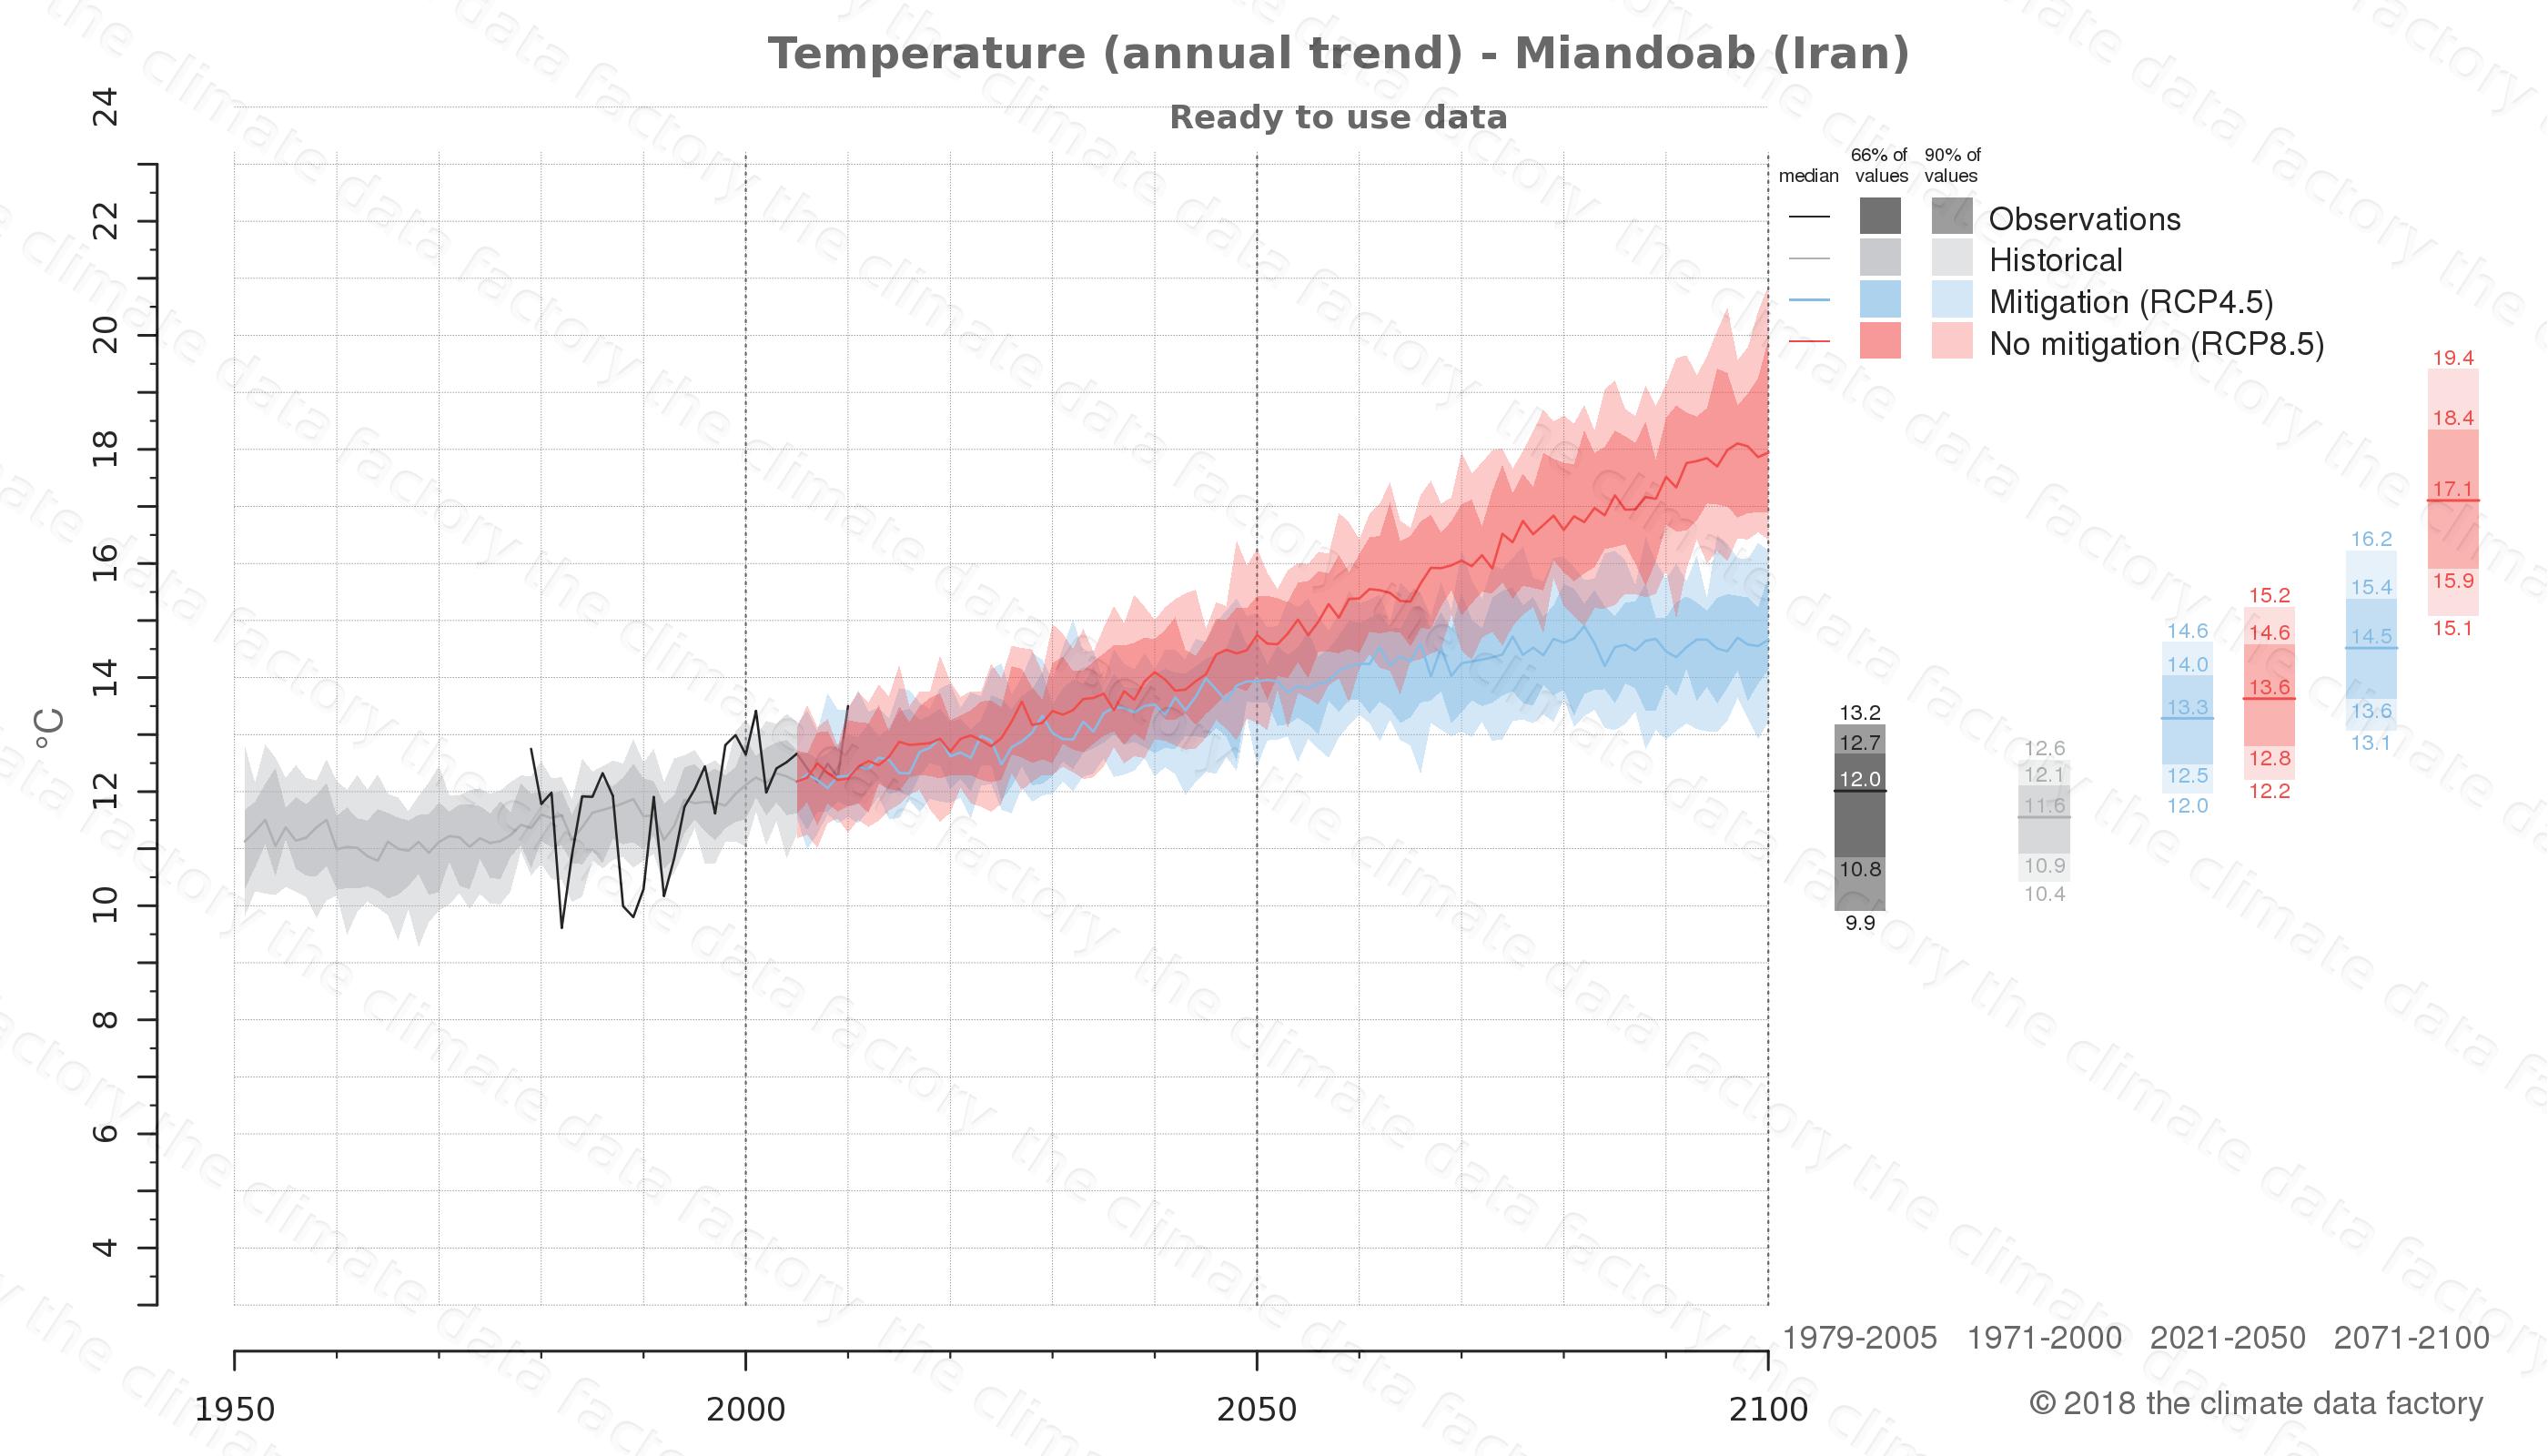 climate change data policy adaptation climate graph city data temperature miandoab iran